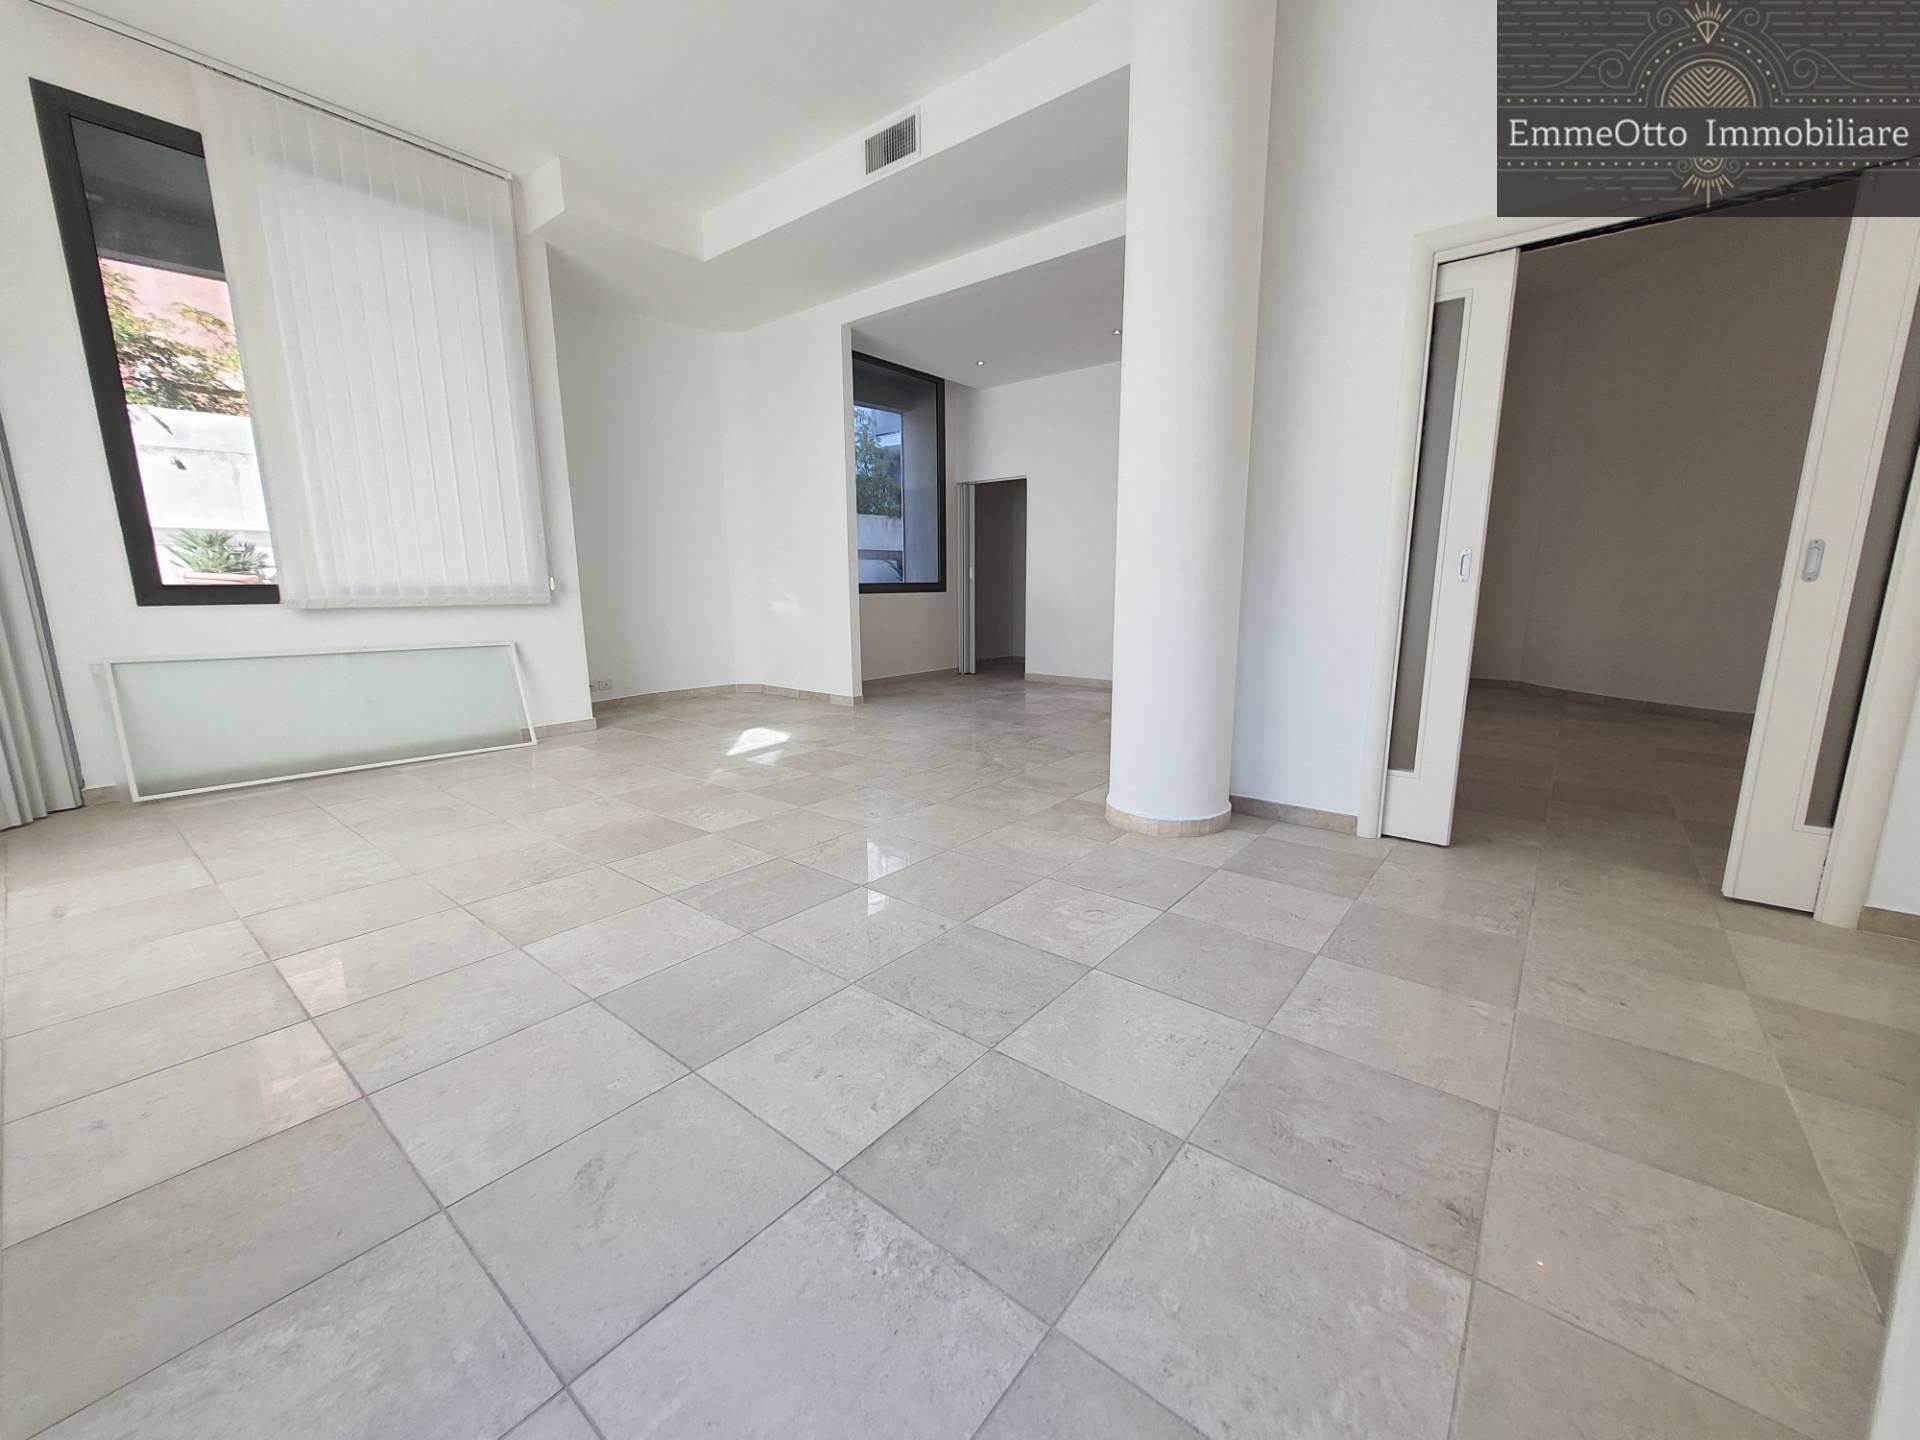 Negozio / Locale in affitto a Cagliari, 9999 locali, zona Zona: Bonaria, prezzo € 1.150   CambioCasa.it